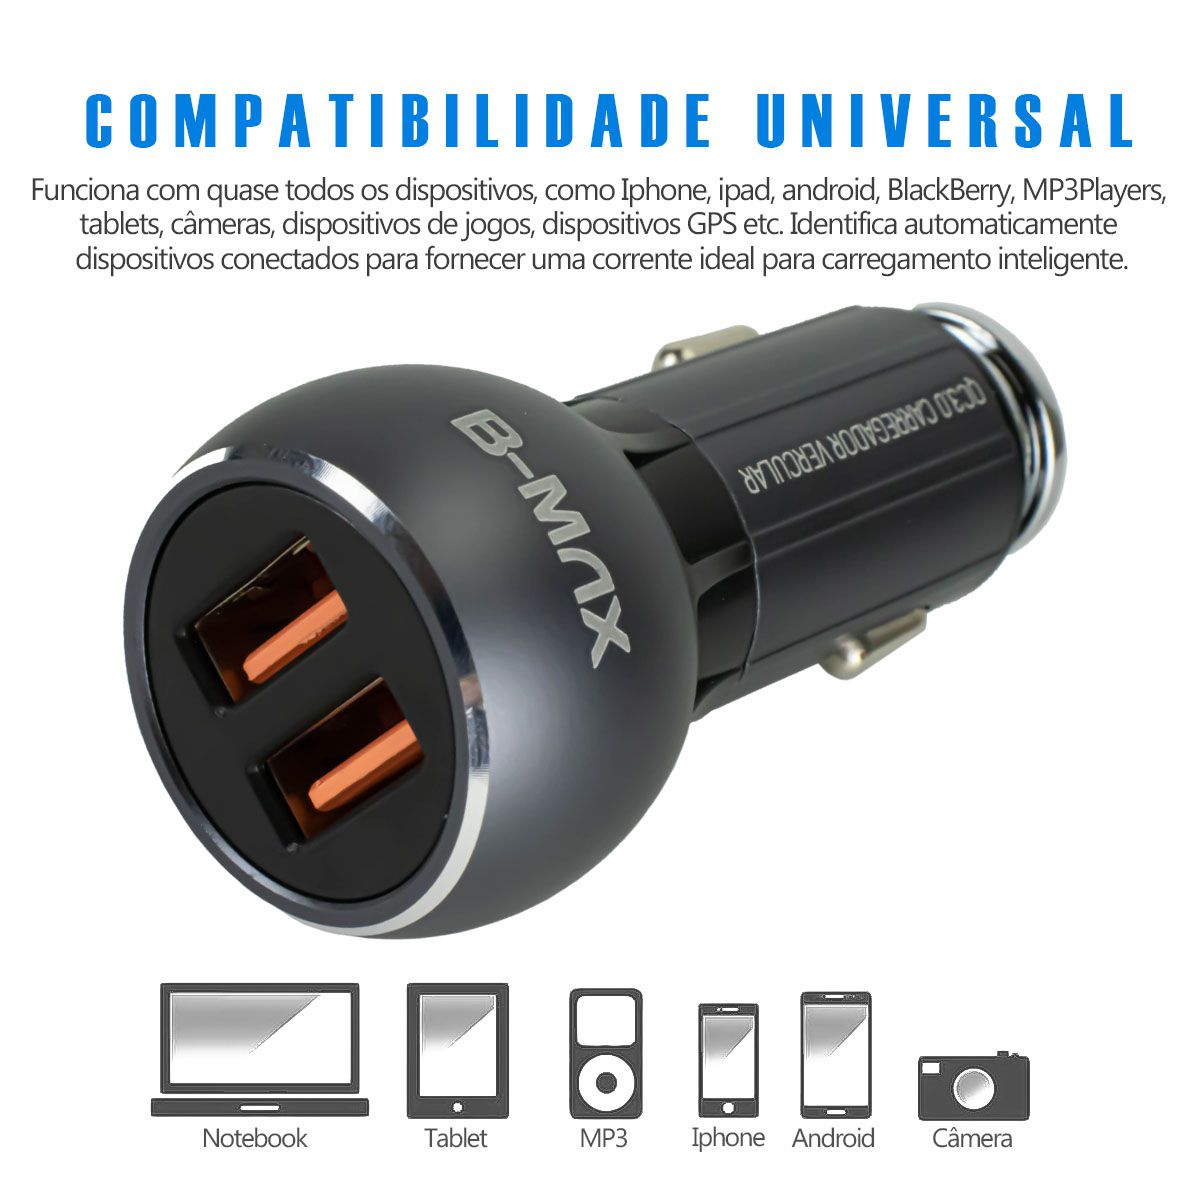 KIT 5x Carregador Veicular Turbo Quick Charge 3.0 36w para Iphone Lightning B-Max BM8611